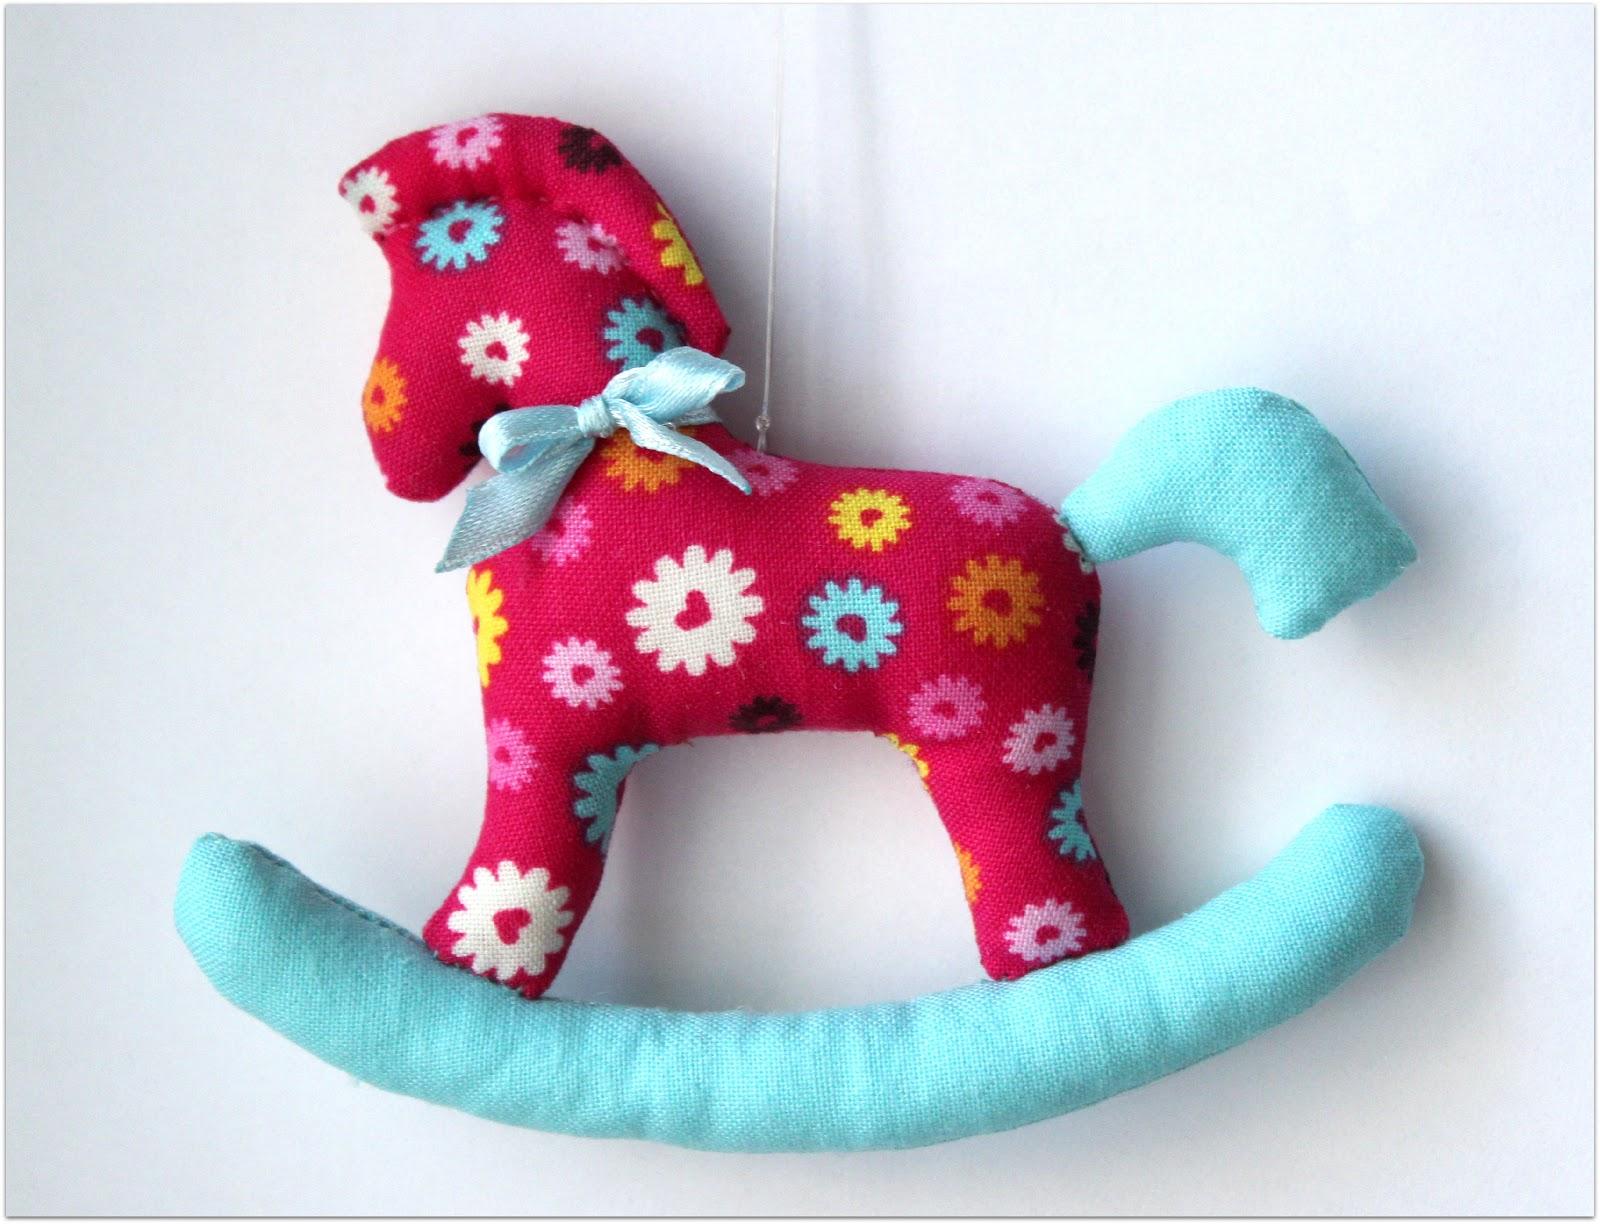 Лошадки качалка игрушка своими руками - Качалки для детей - купить игрушку качалку для ребенка от